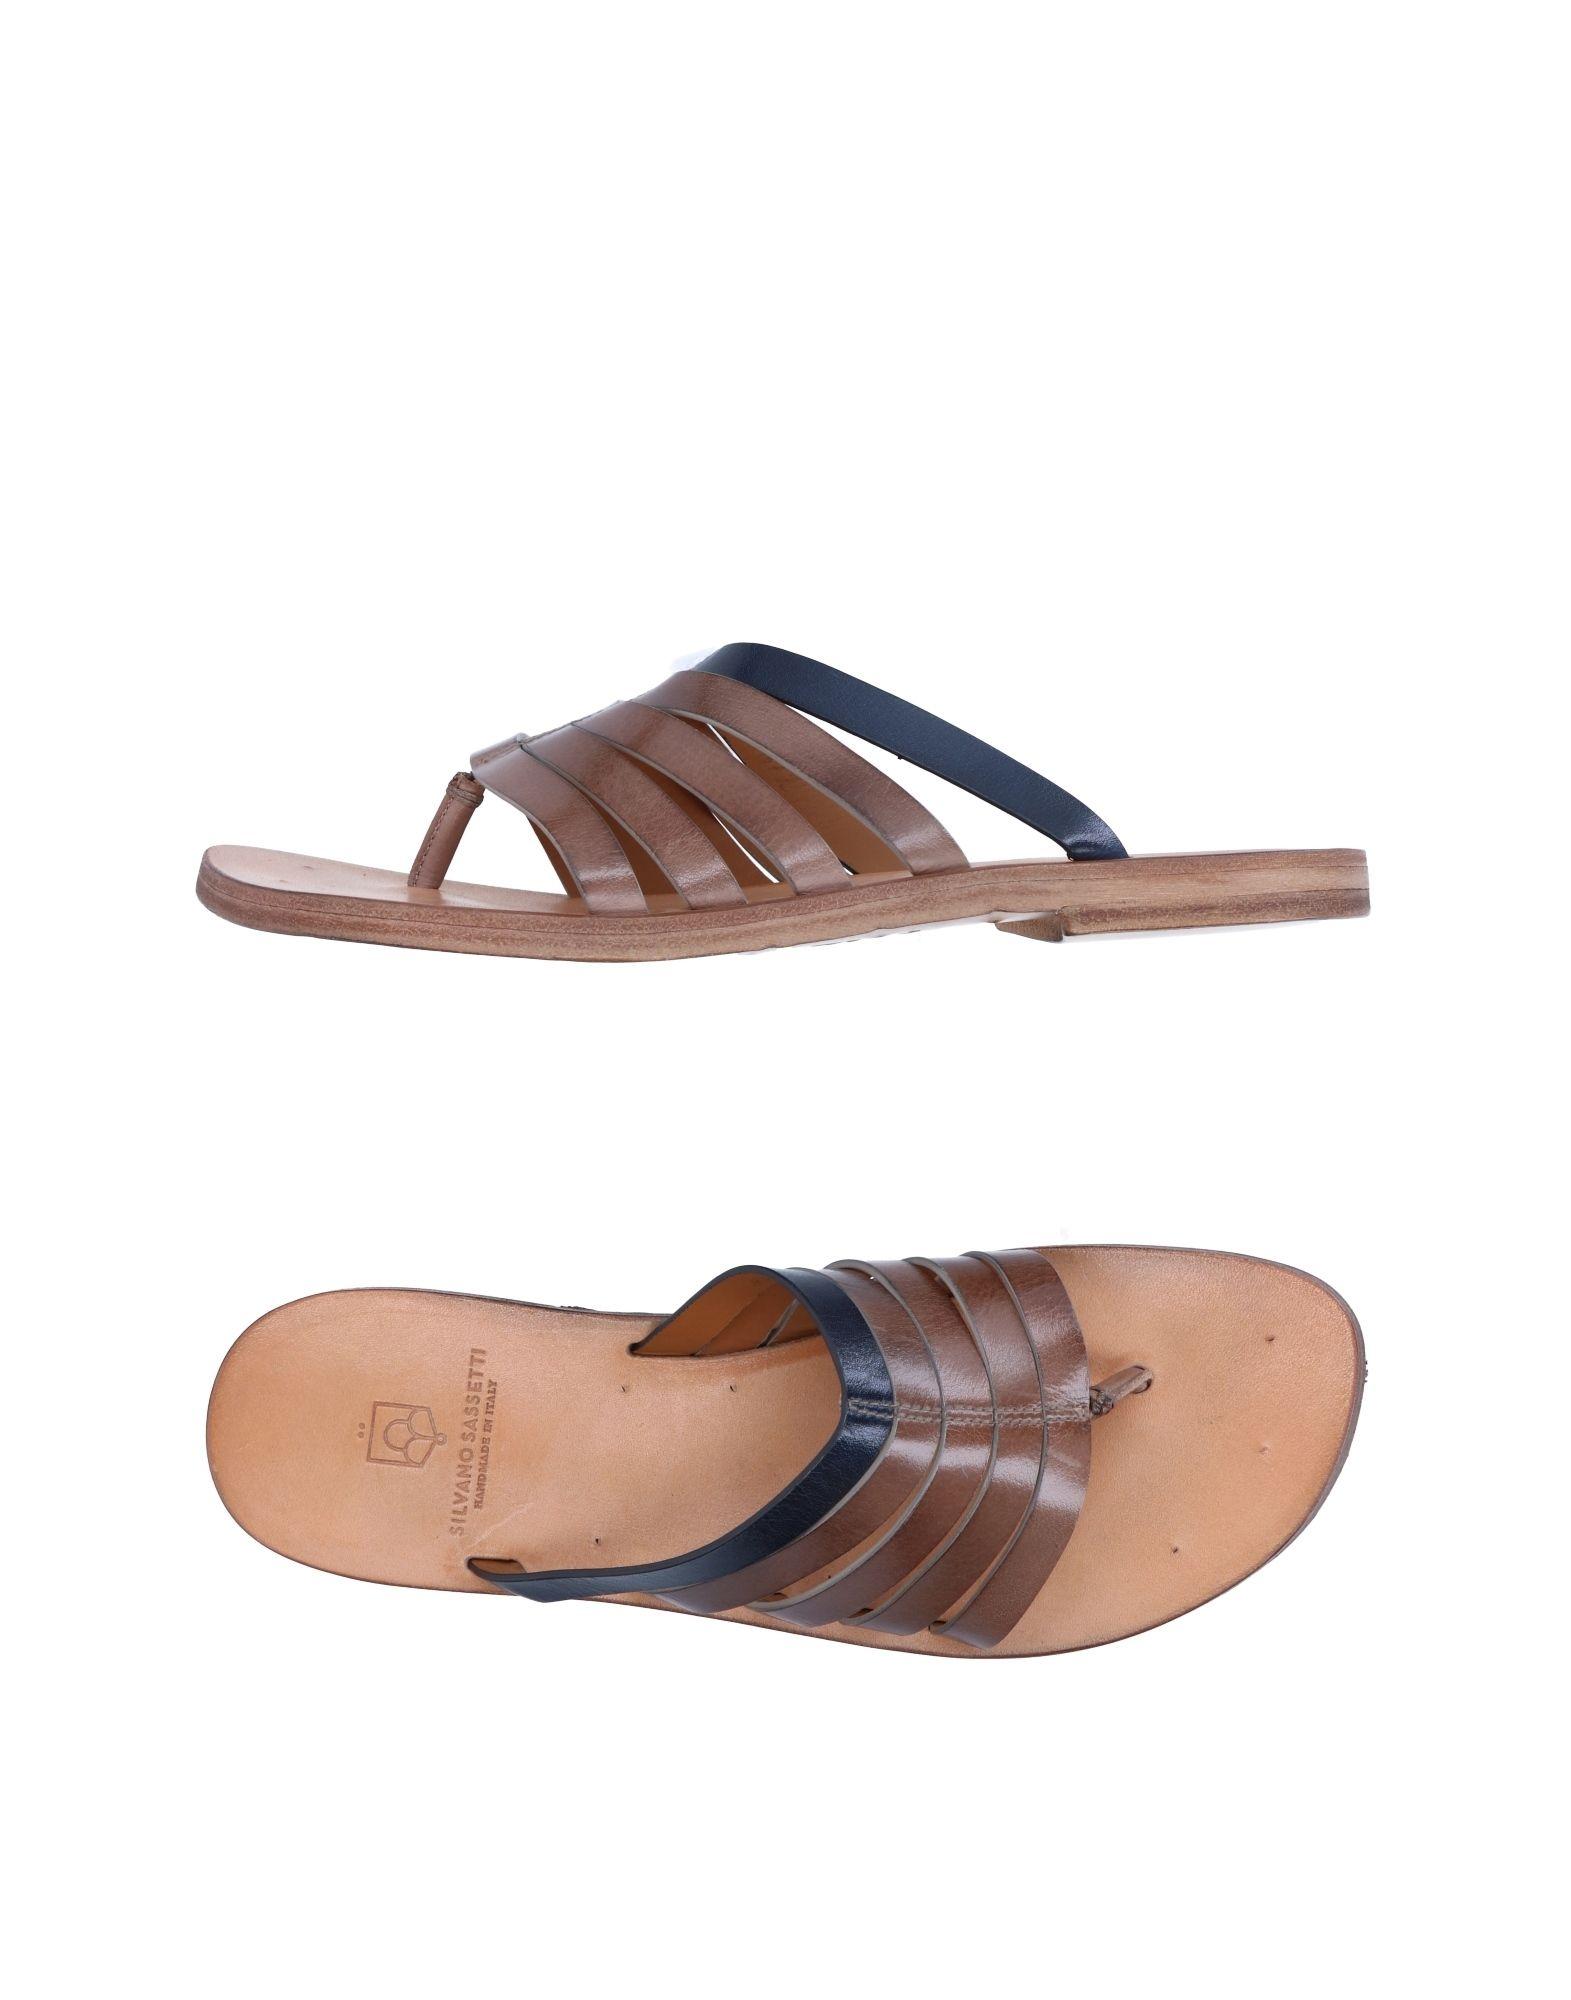 Silvano Sassetti Dianetten Damen  11252114OX Gute Qualität beliebte Schuhe